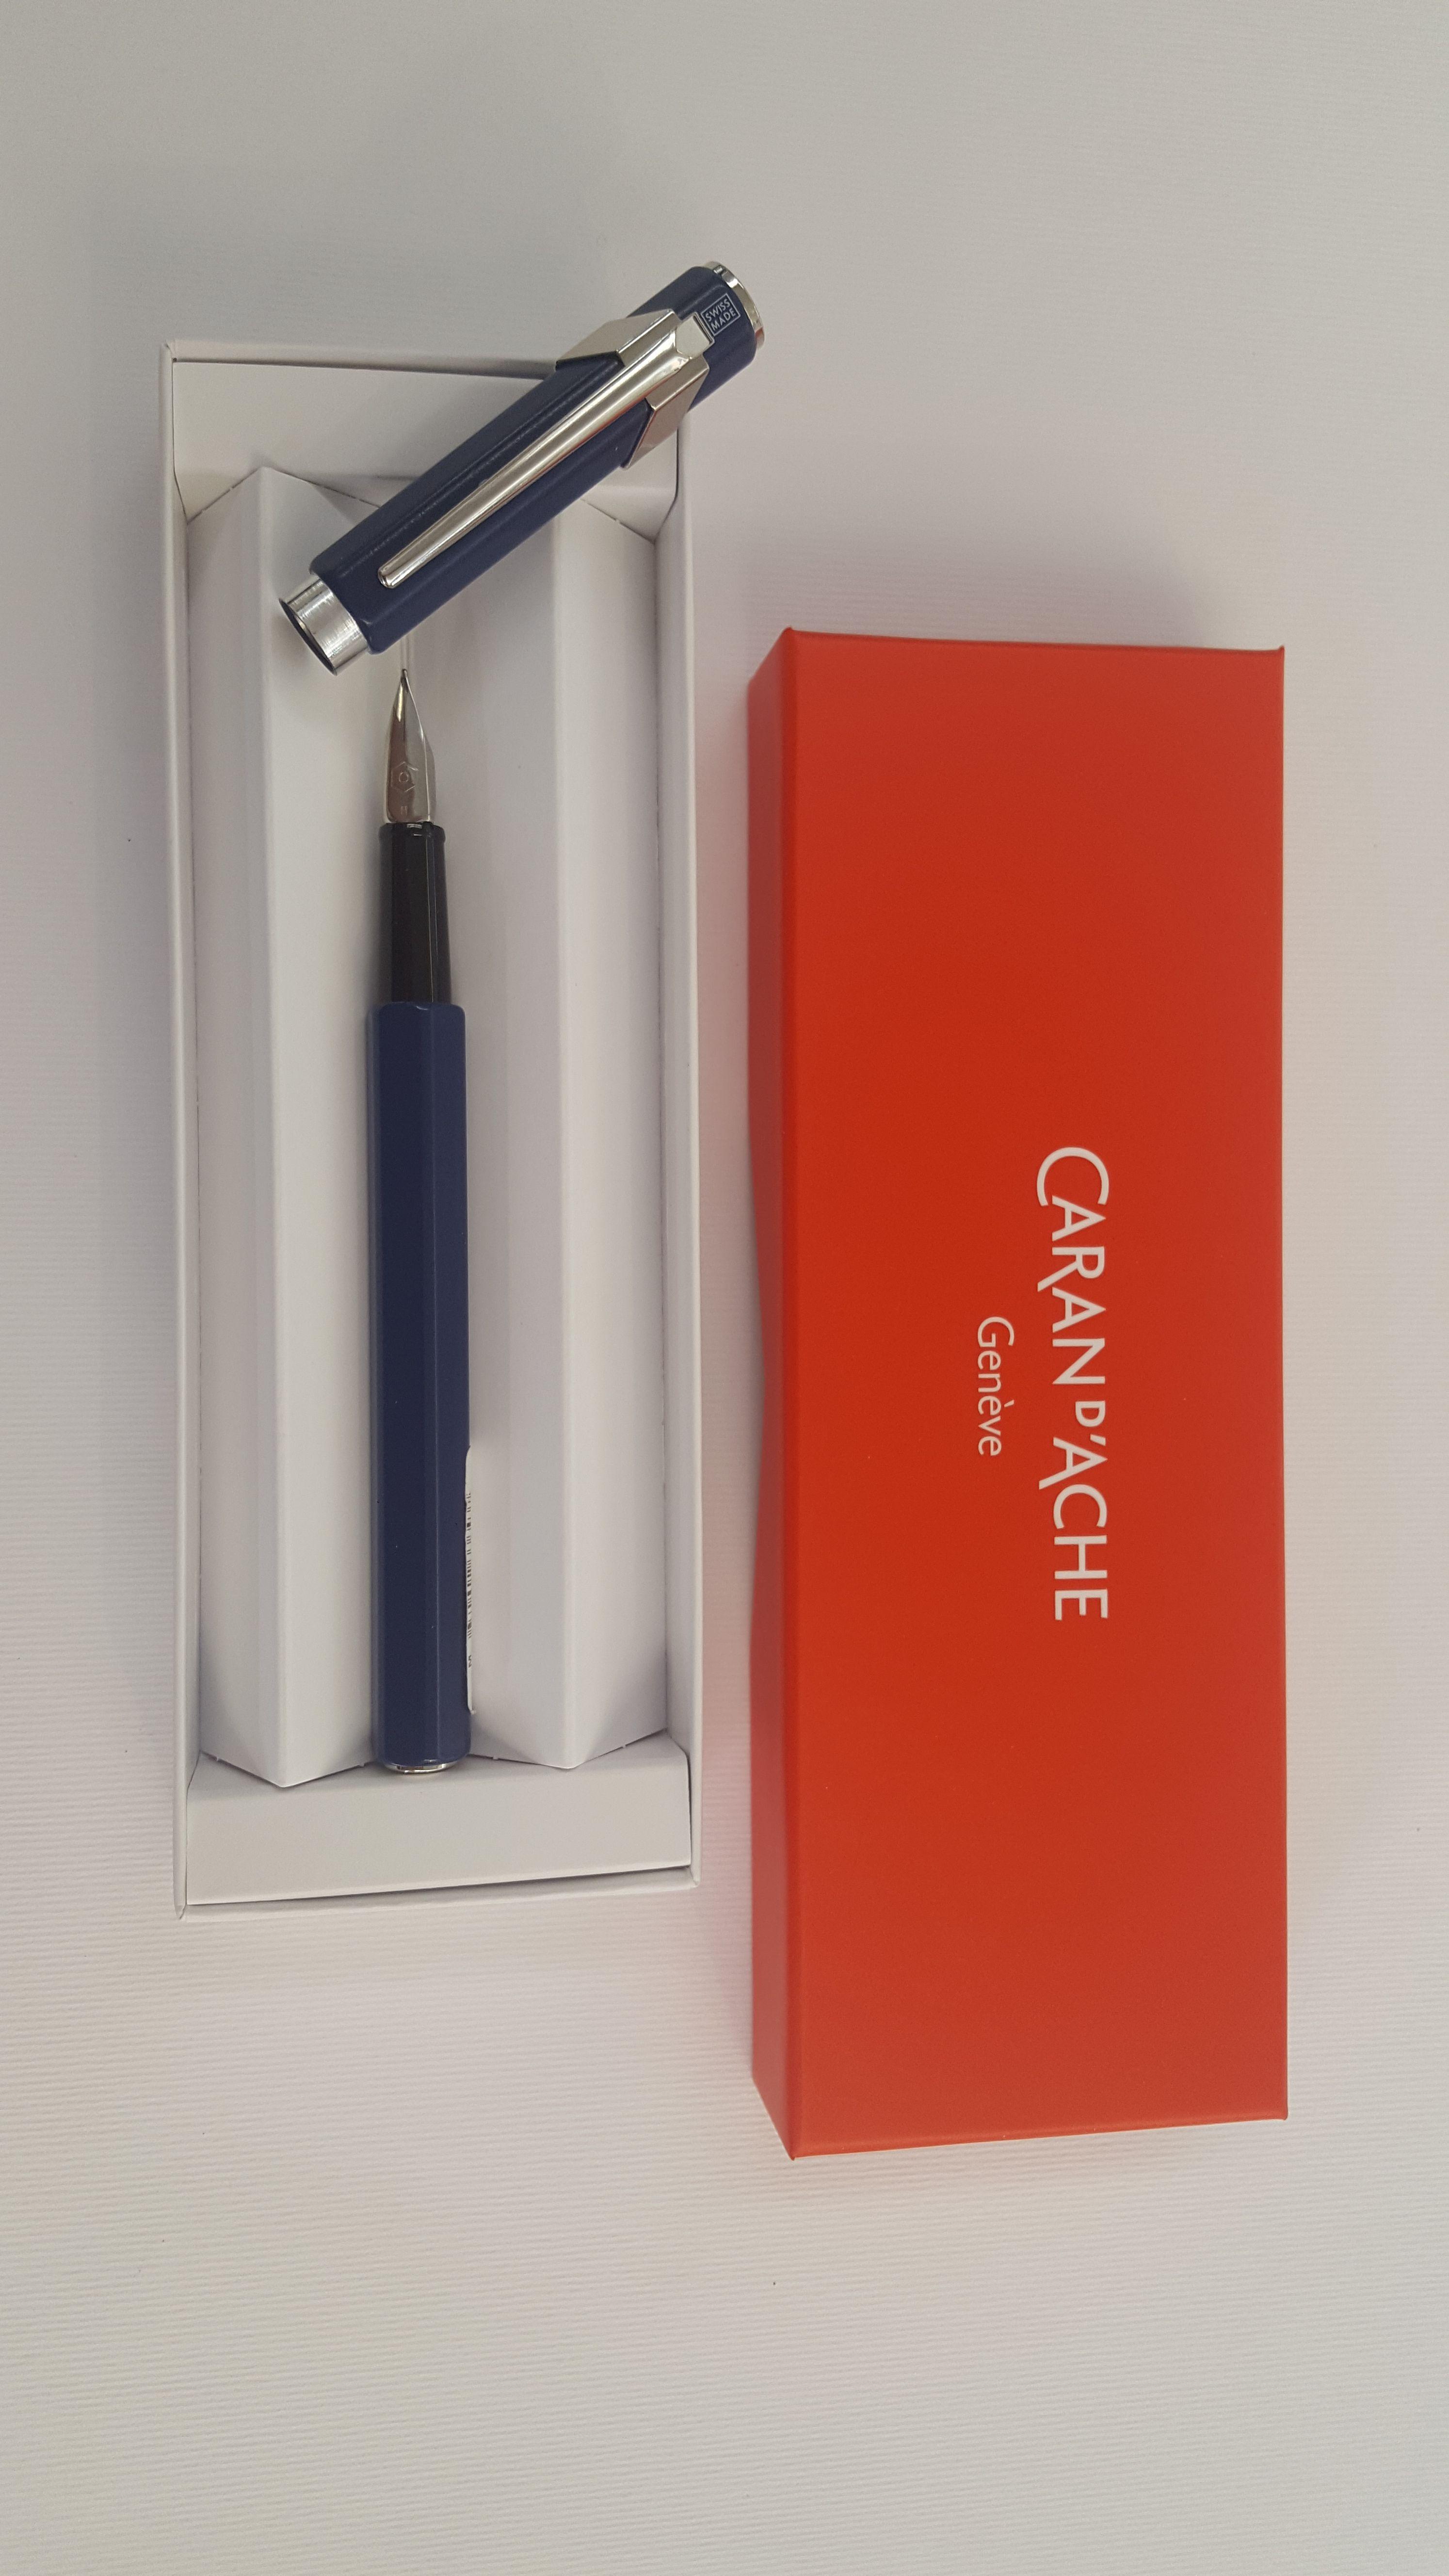 e8bfca147f Caran d'Ache - Stilografica Caran d'Ache 849. Colore blu. Pennino M ...